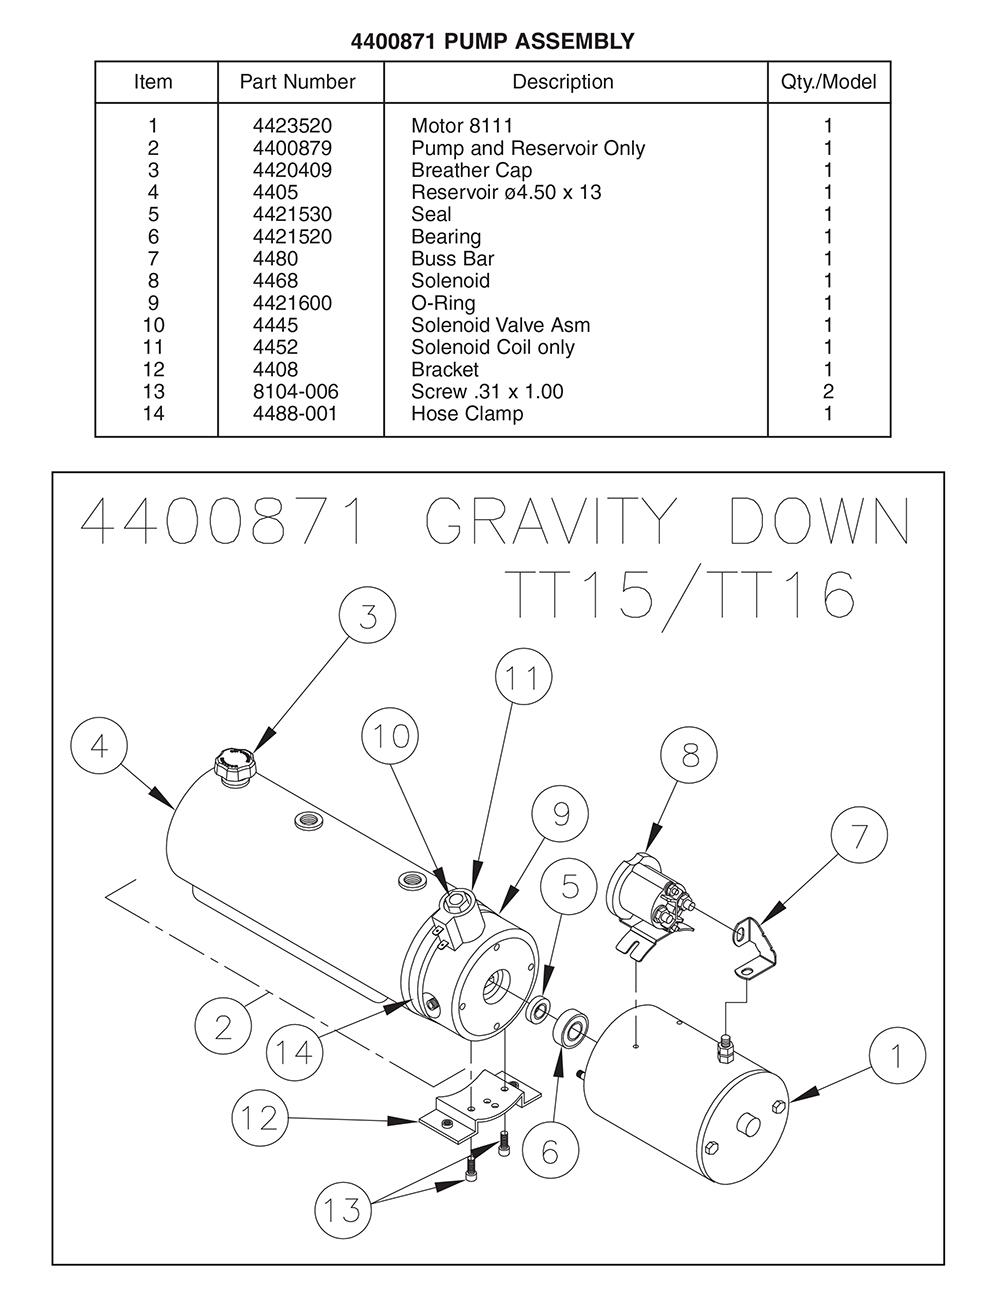 Liftgate Diagrams - Thieman Tailgate Pump Parts